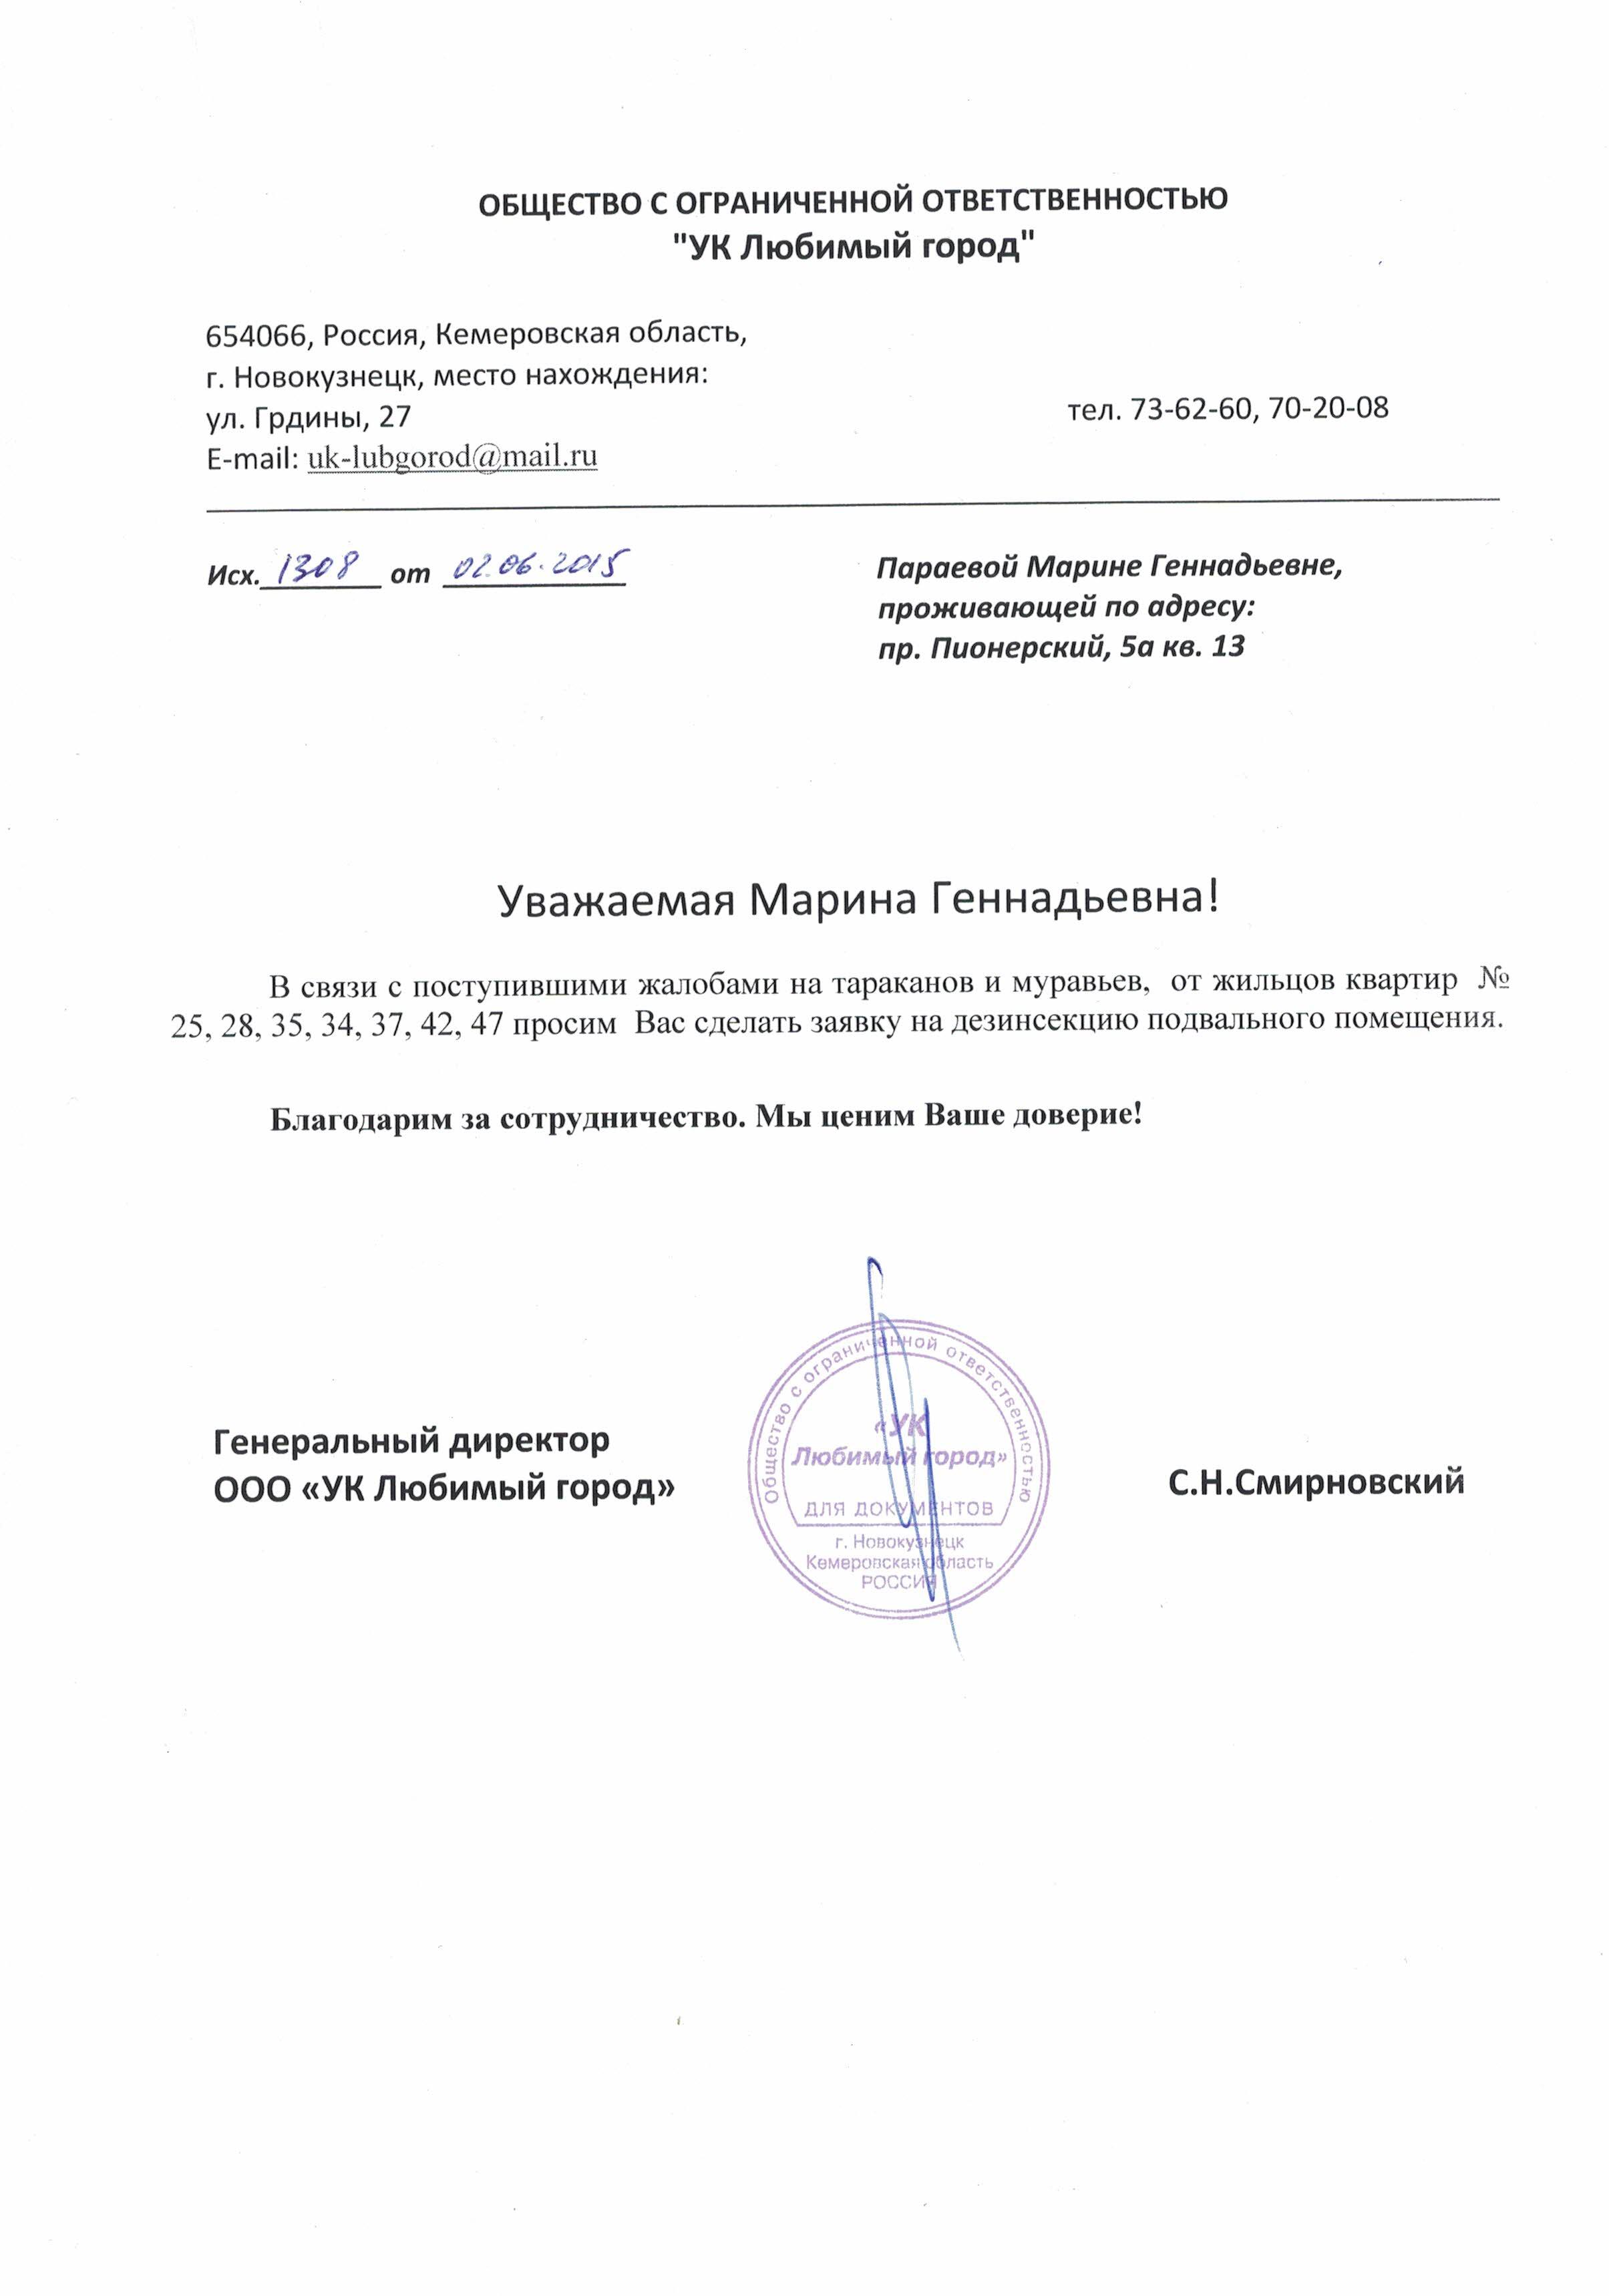 ст 12.18 коап рф судебная практика отмена постановления